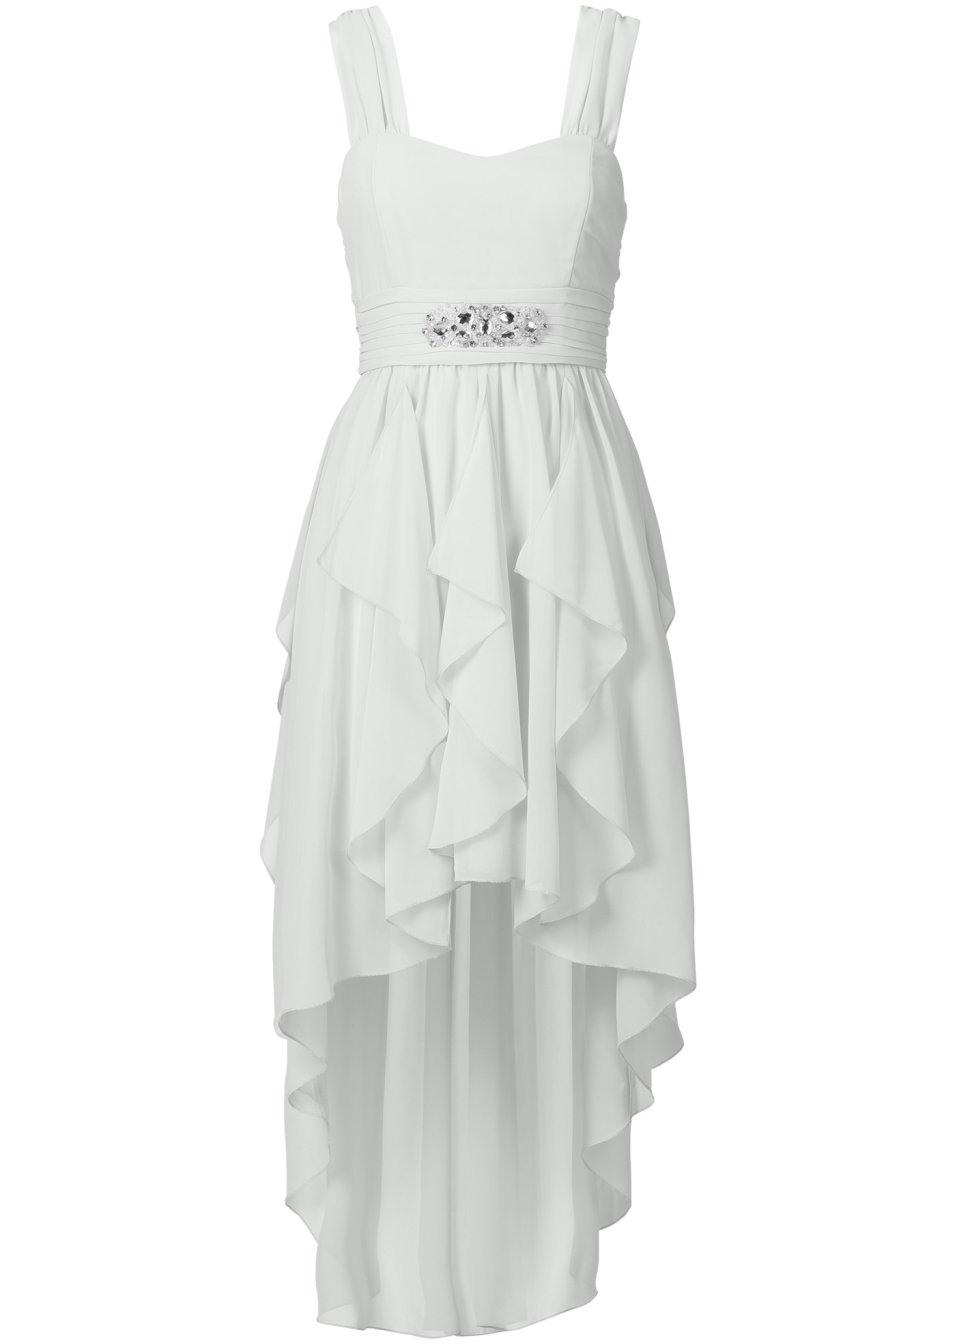 20 Schön Weiße Abendkleider Lang Günstig Design13 Fantastisch Weiße Abendkleider Lang Günstig Bester Preis